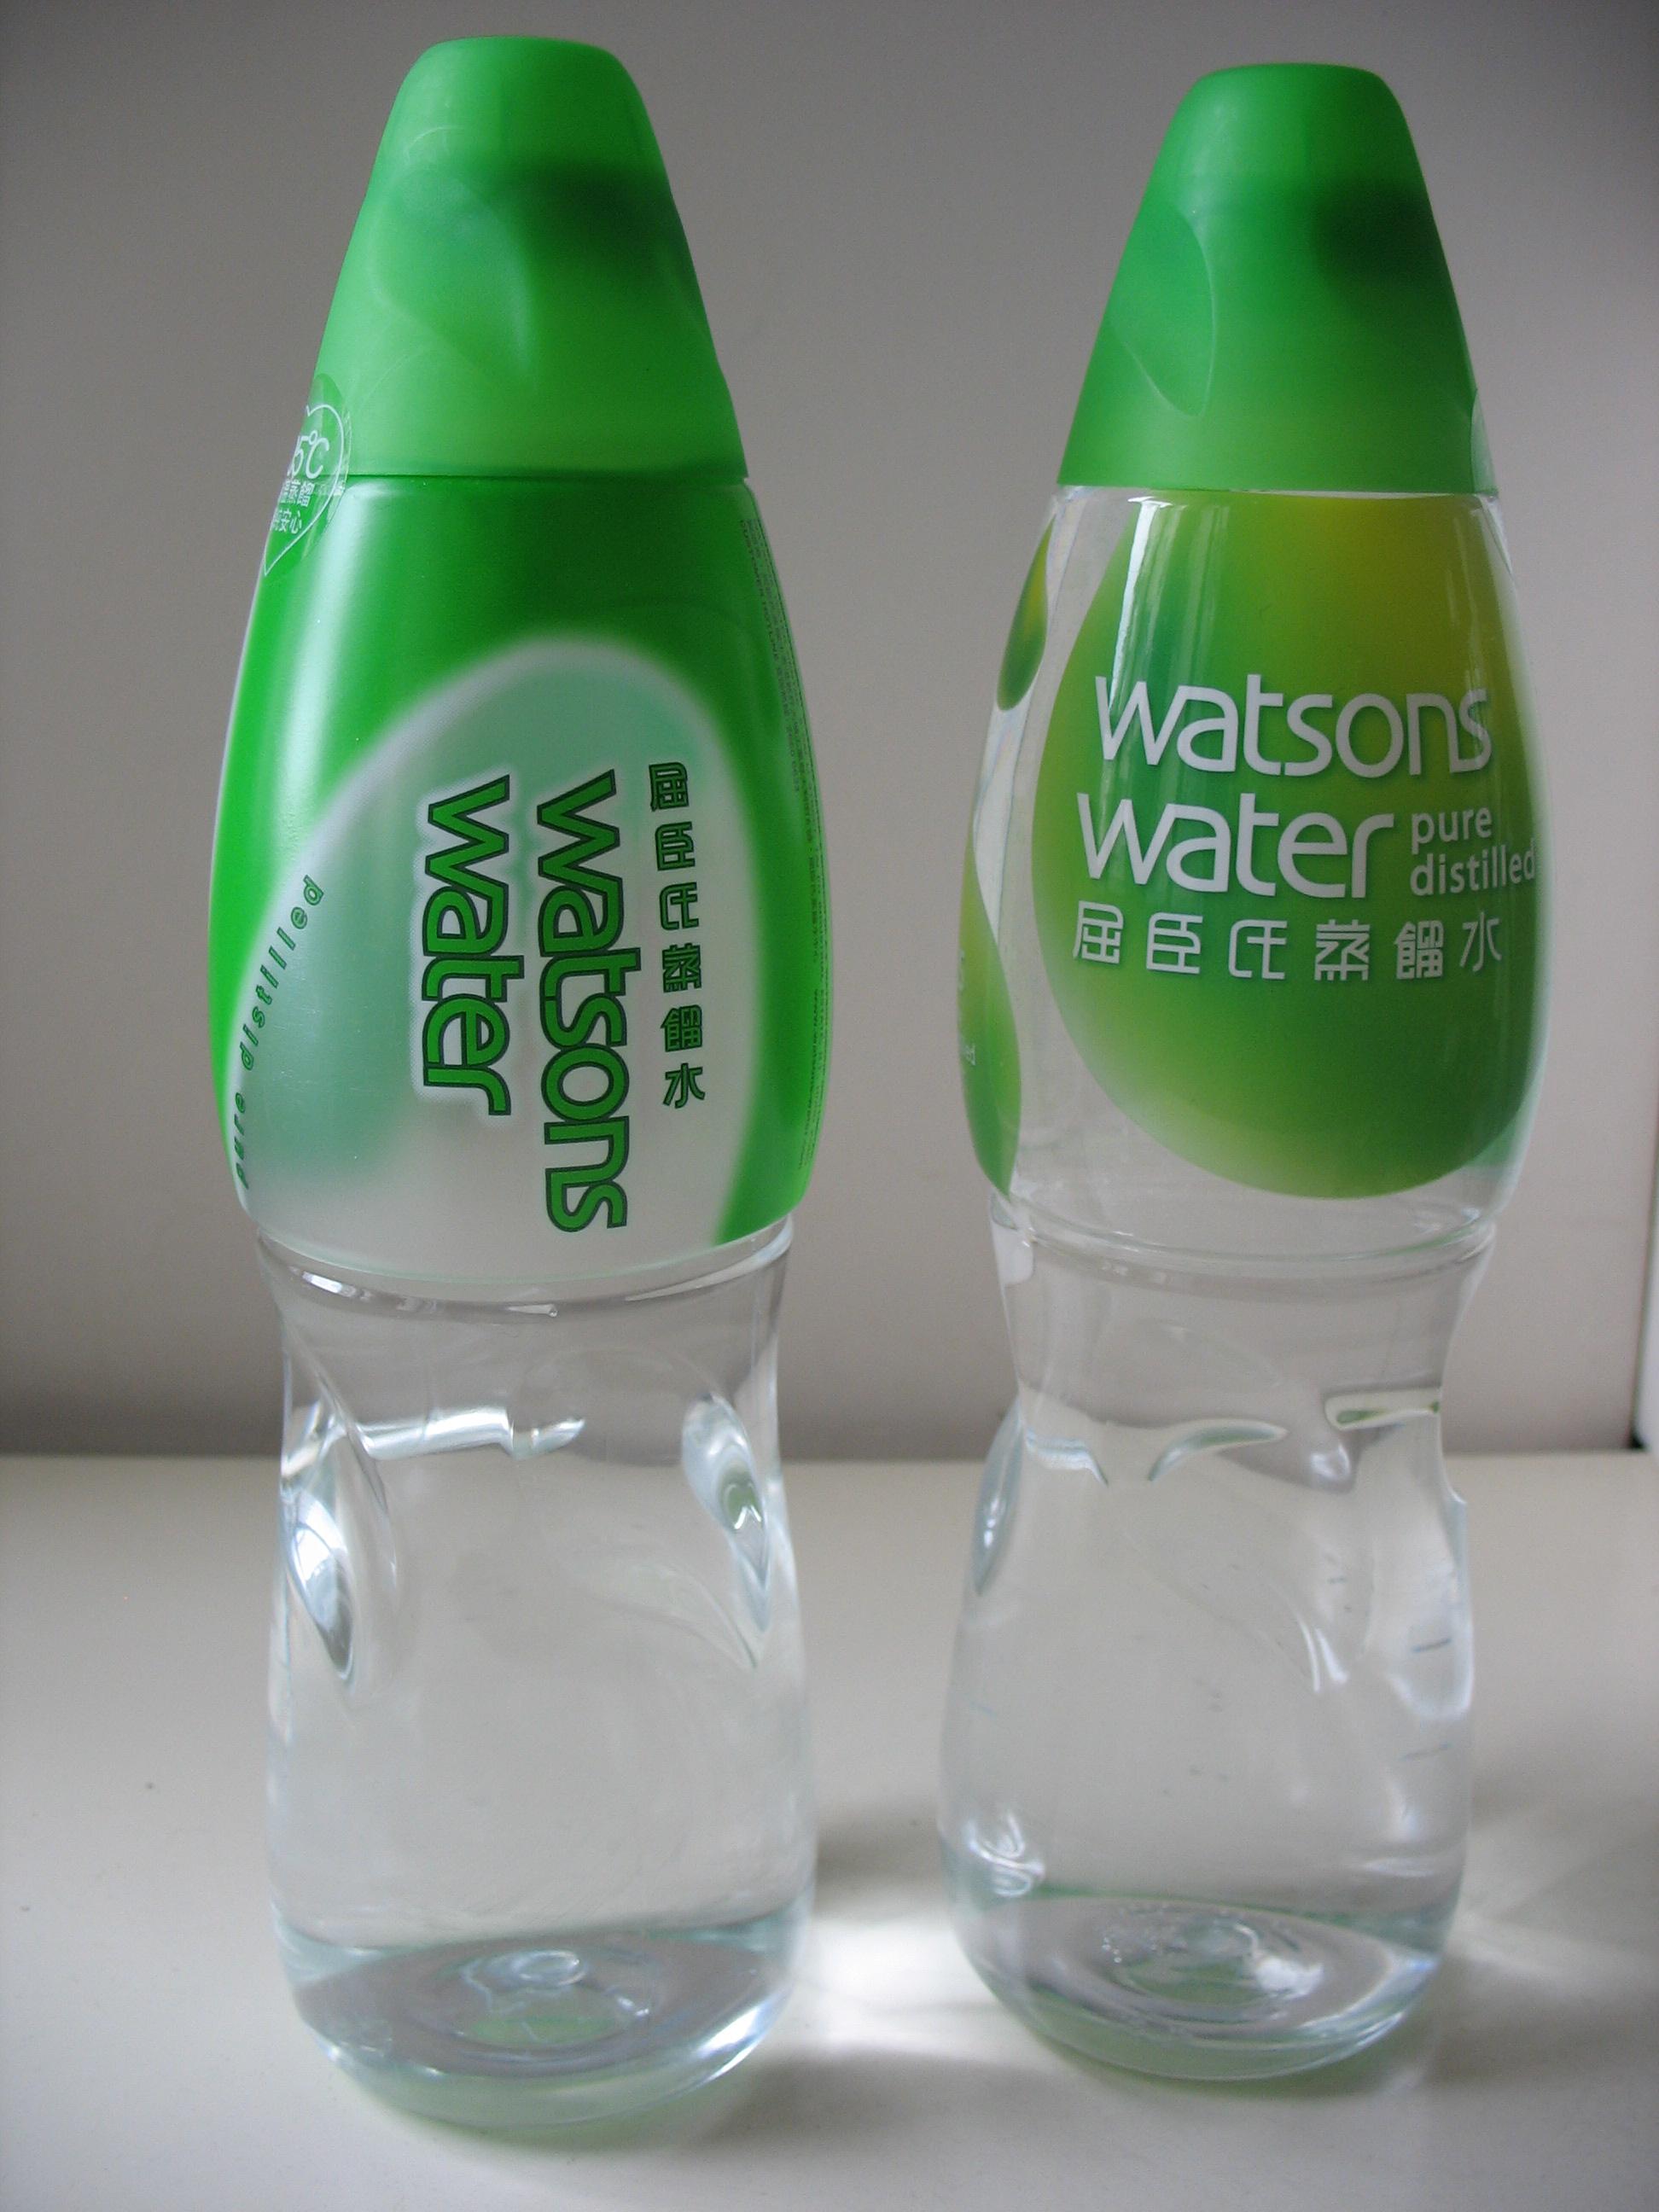 File:Watsons Water 800mL bottle.JPG - Wikimedia Commons